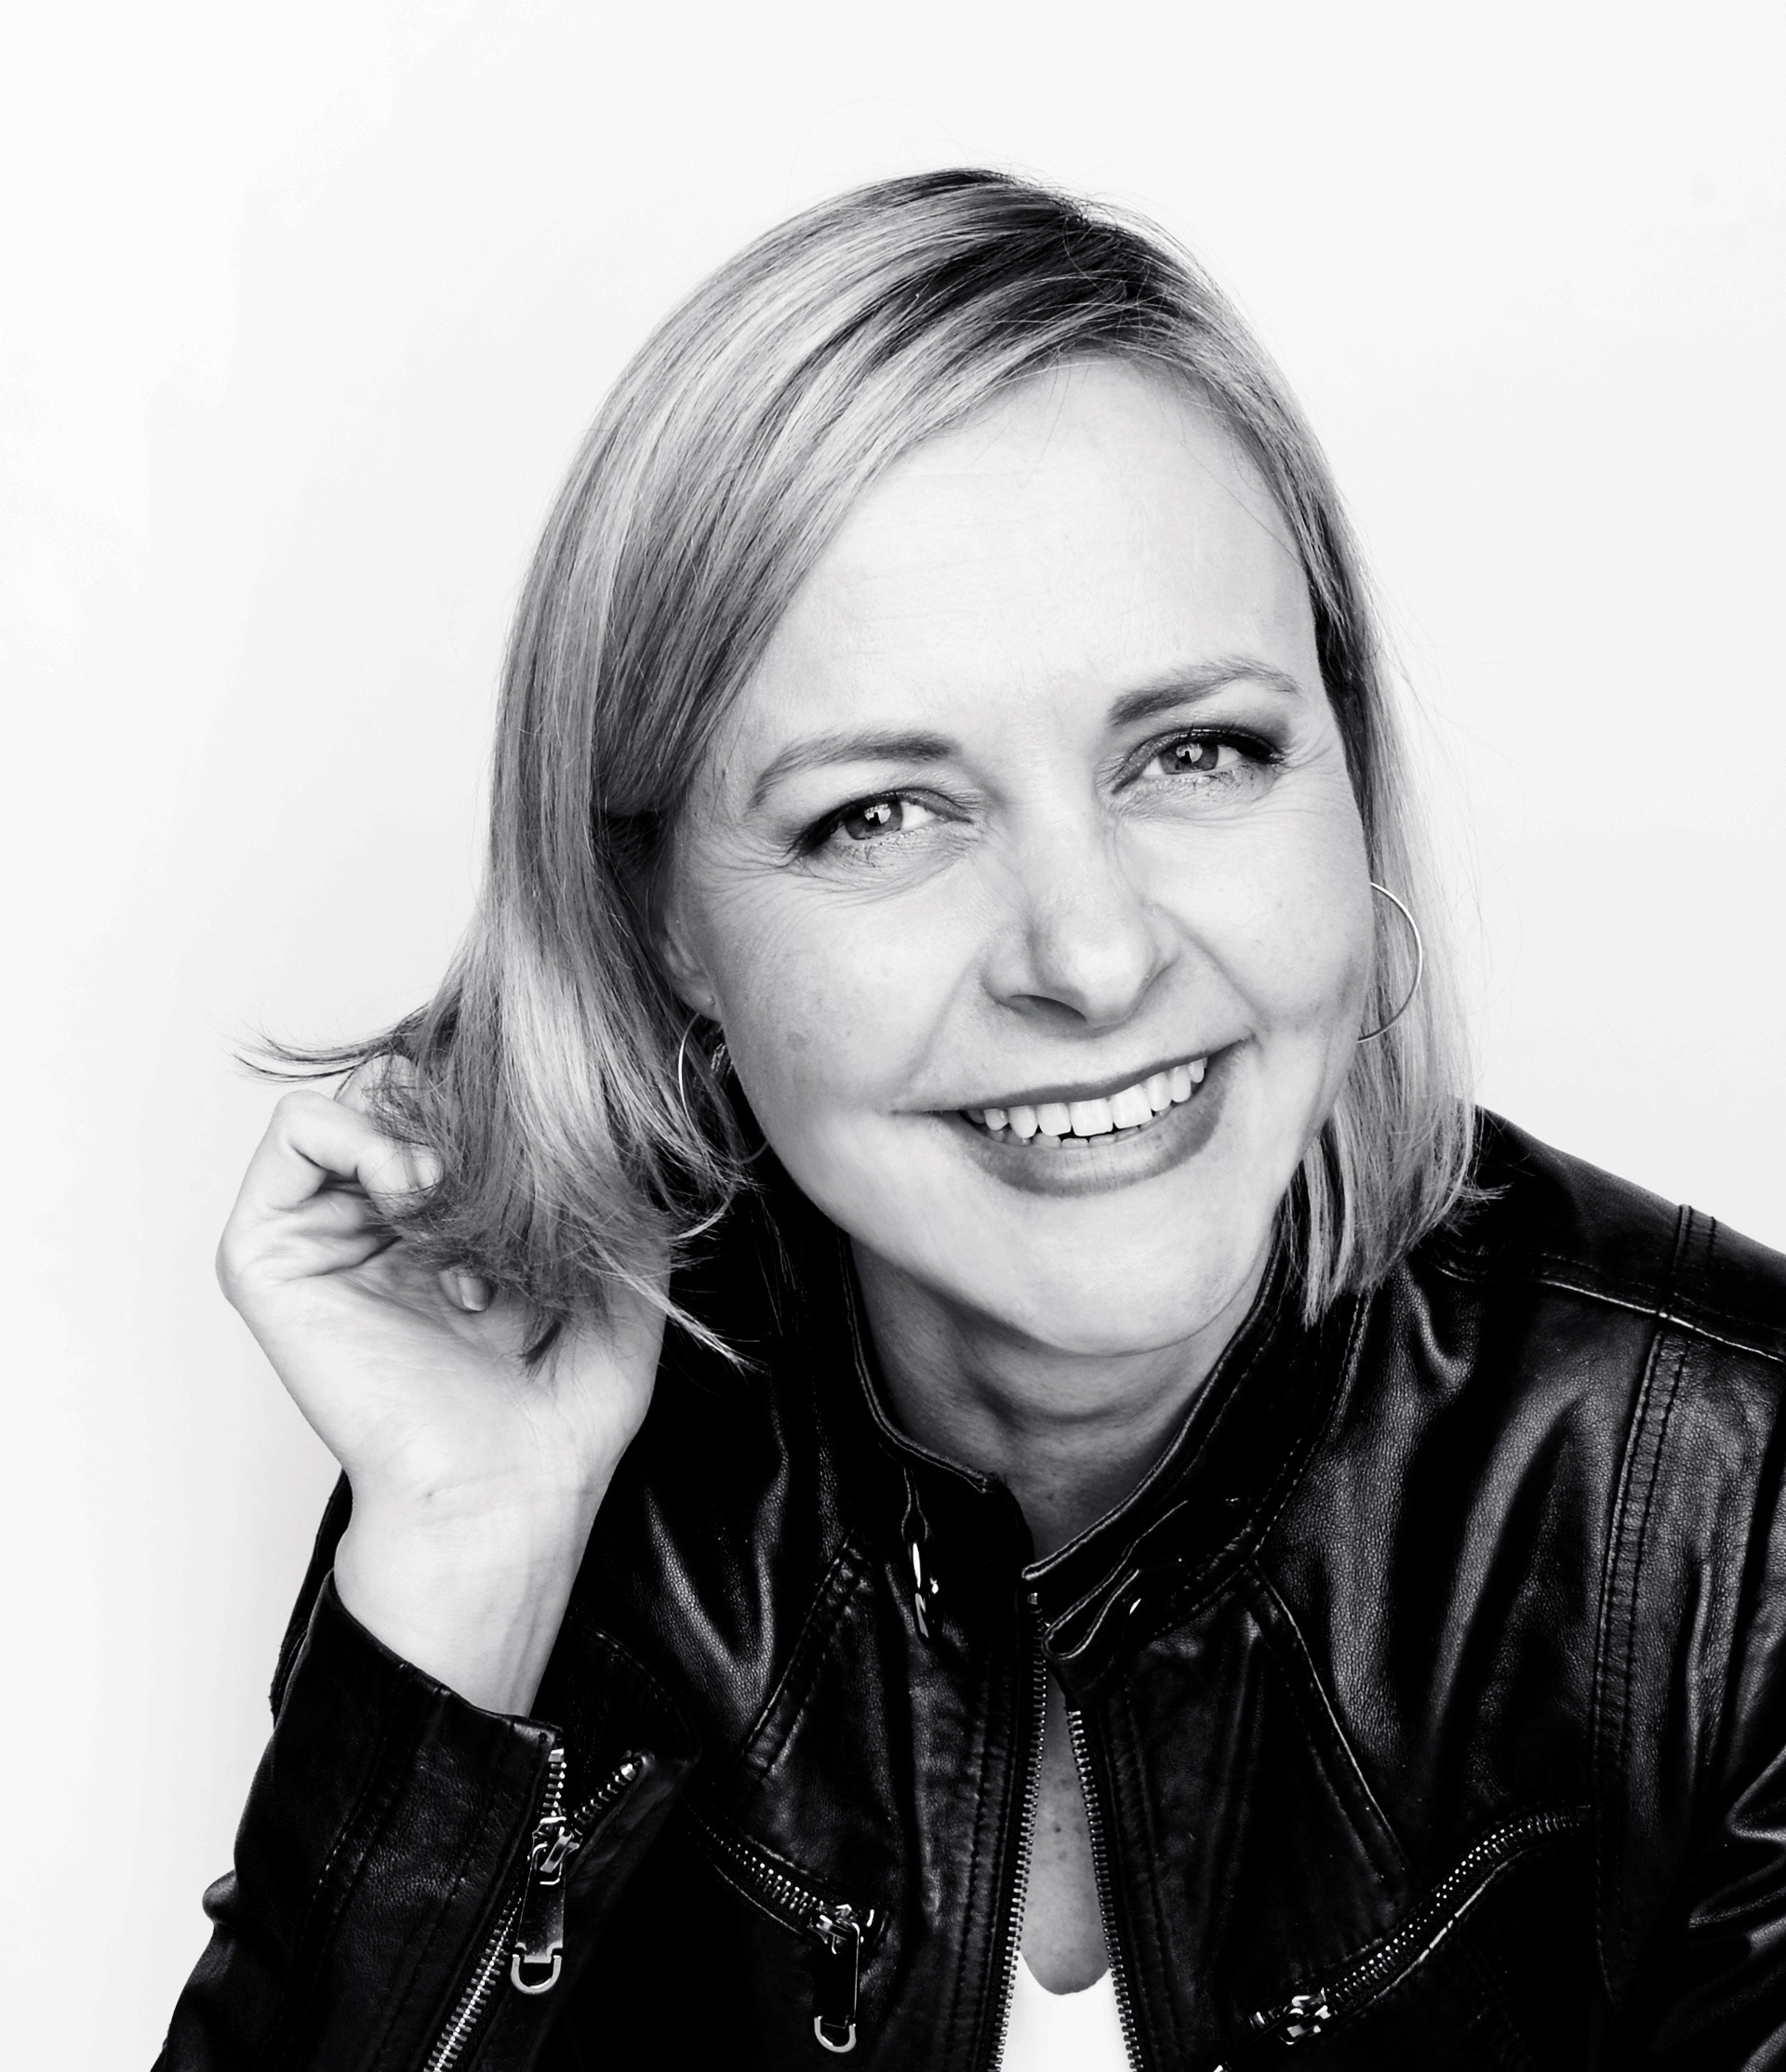 Erica Pretorius